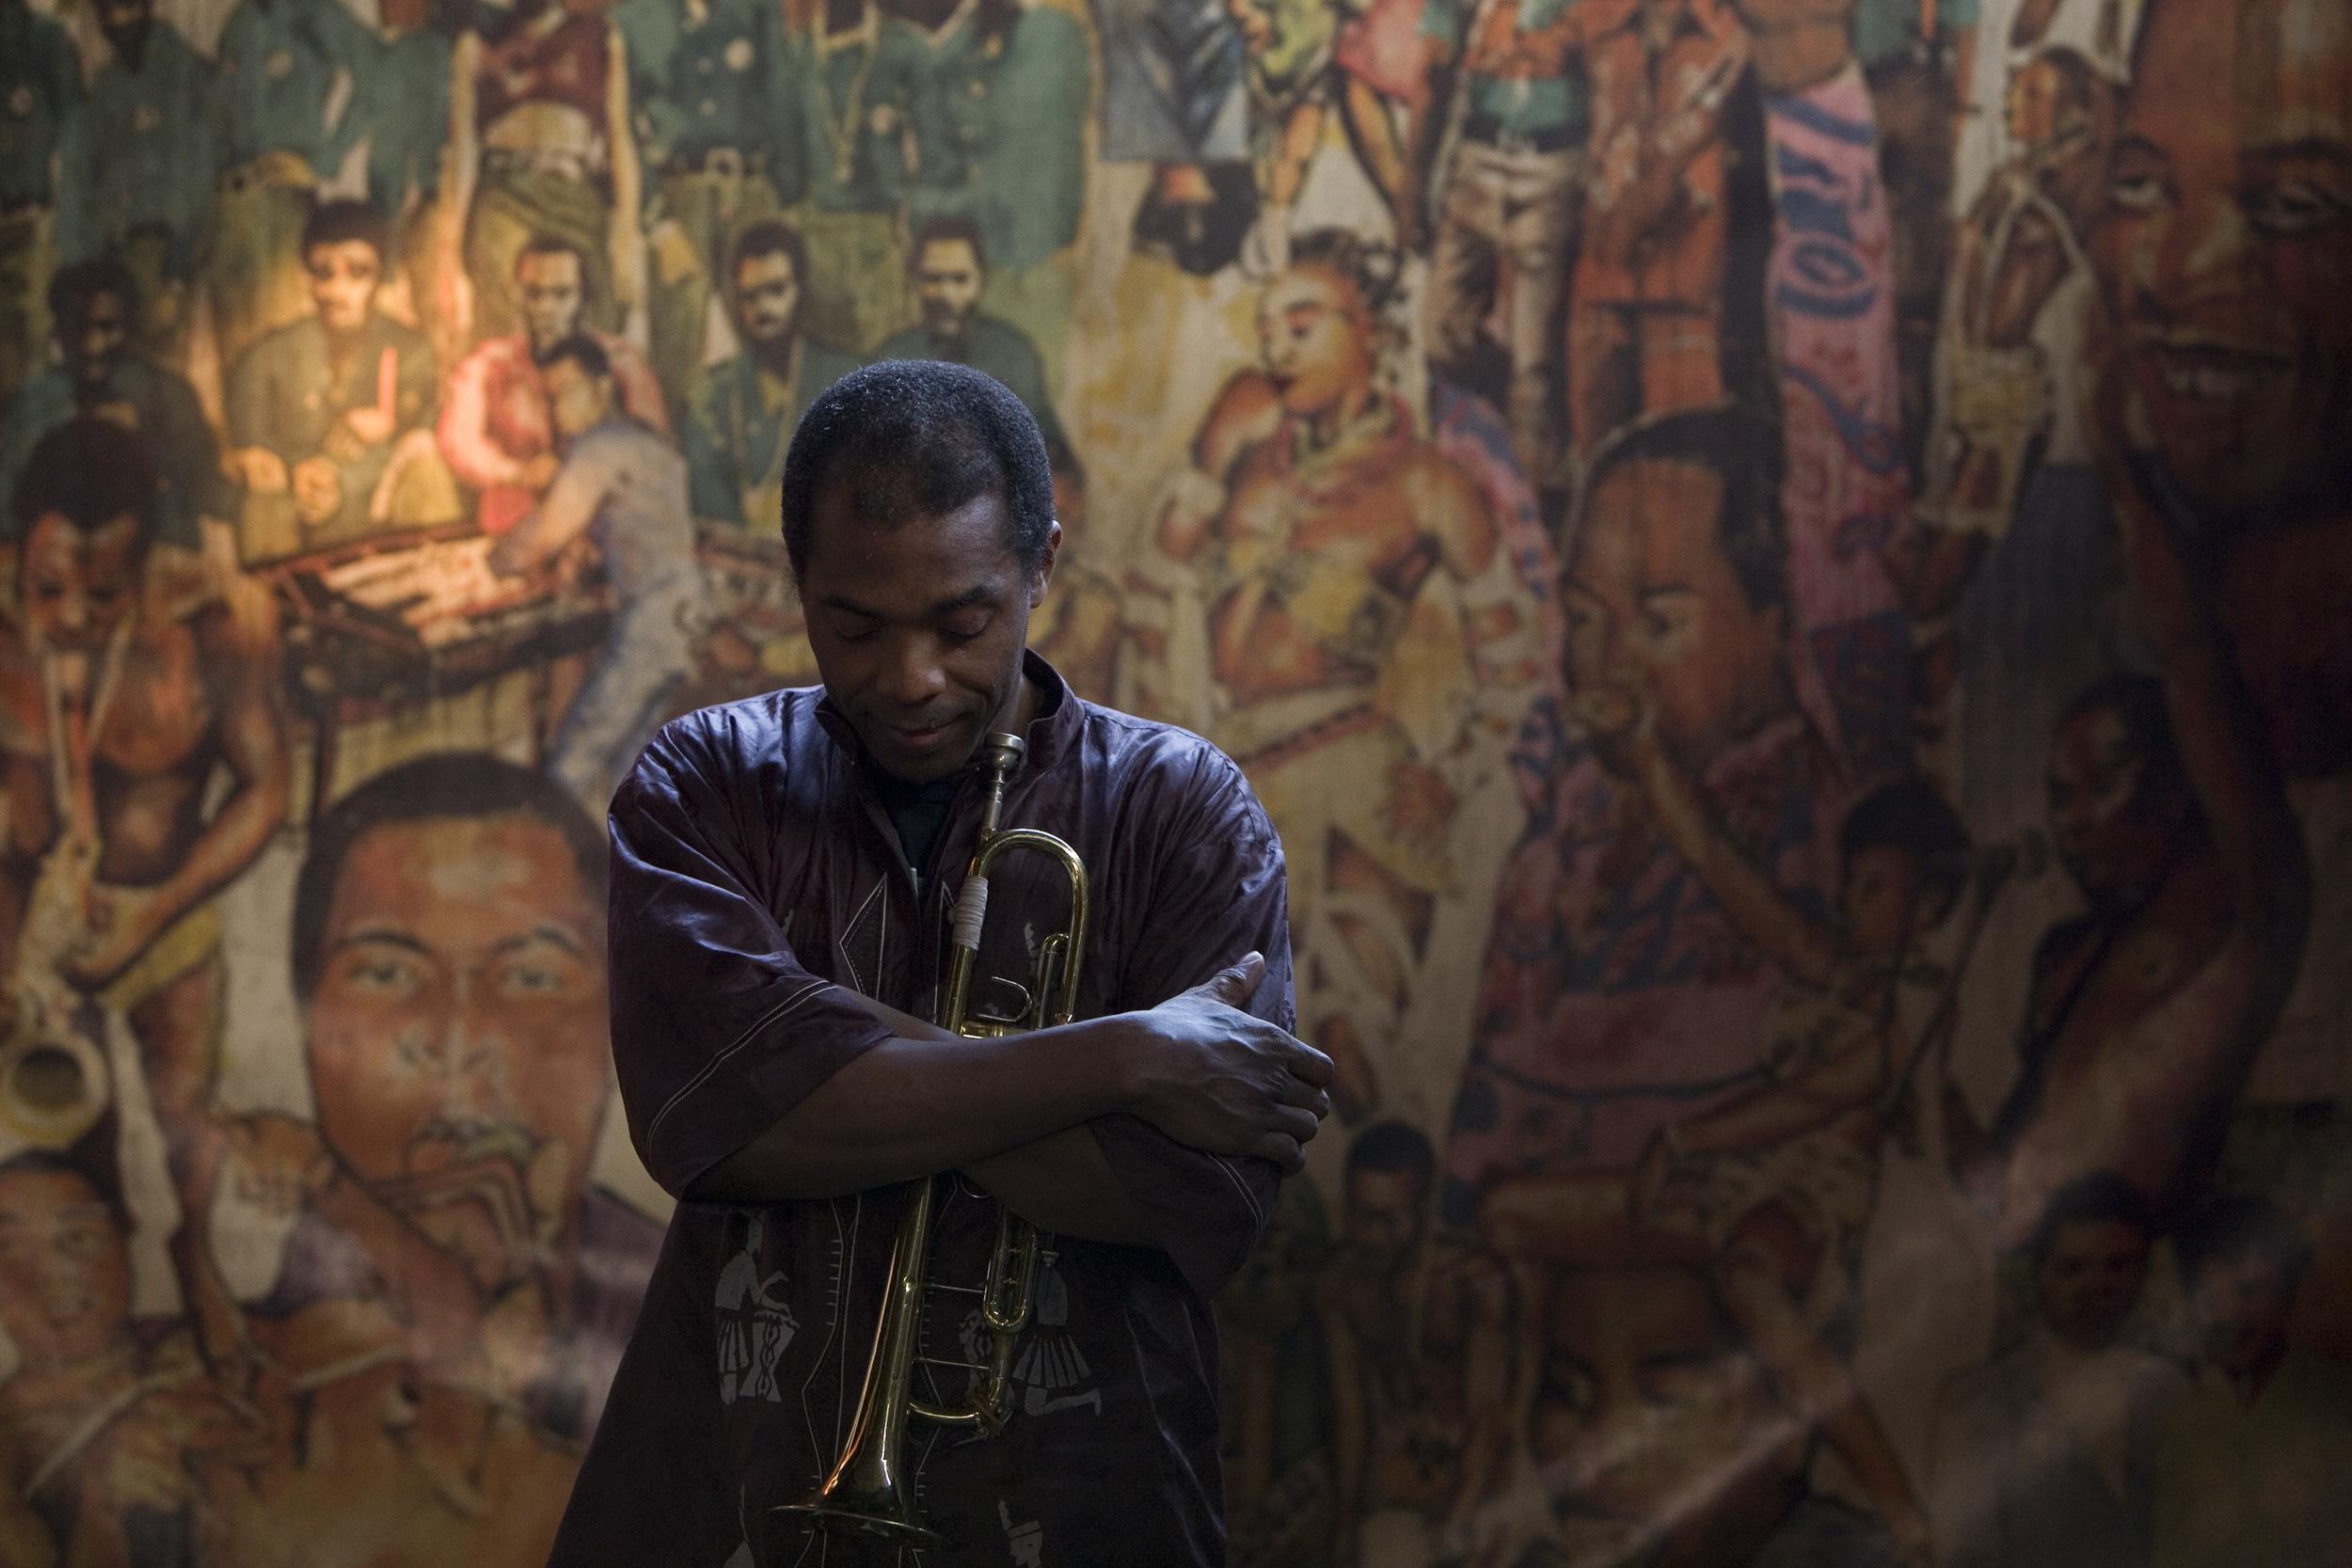 FEMI KUTI AND THE AFRICAN SHRINE